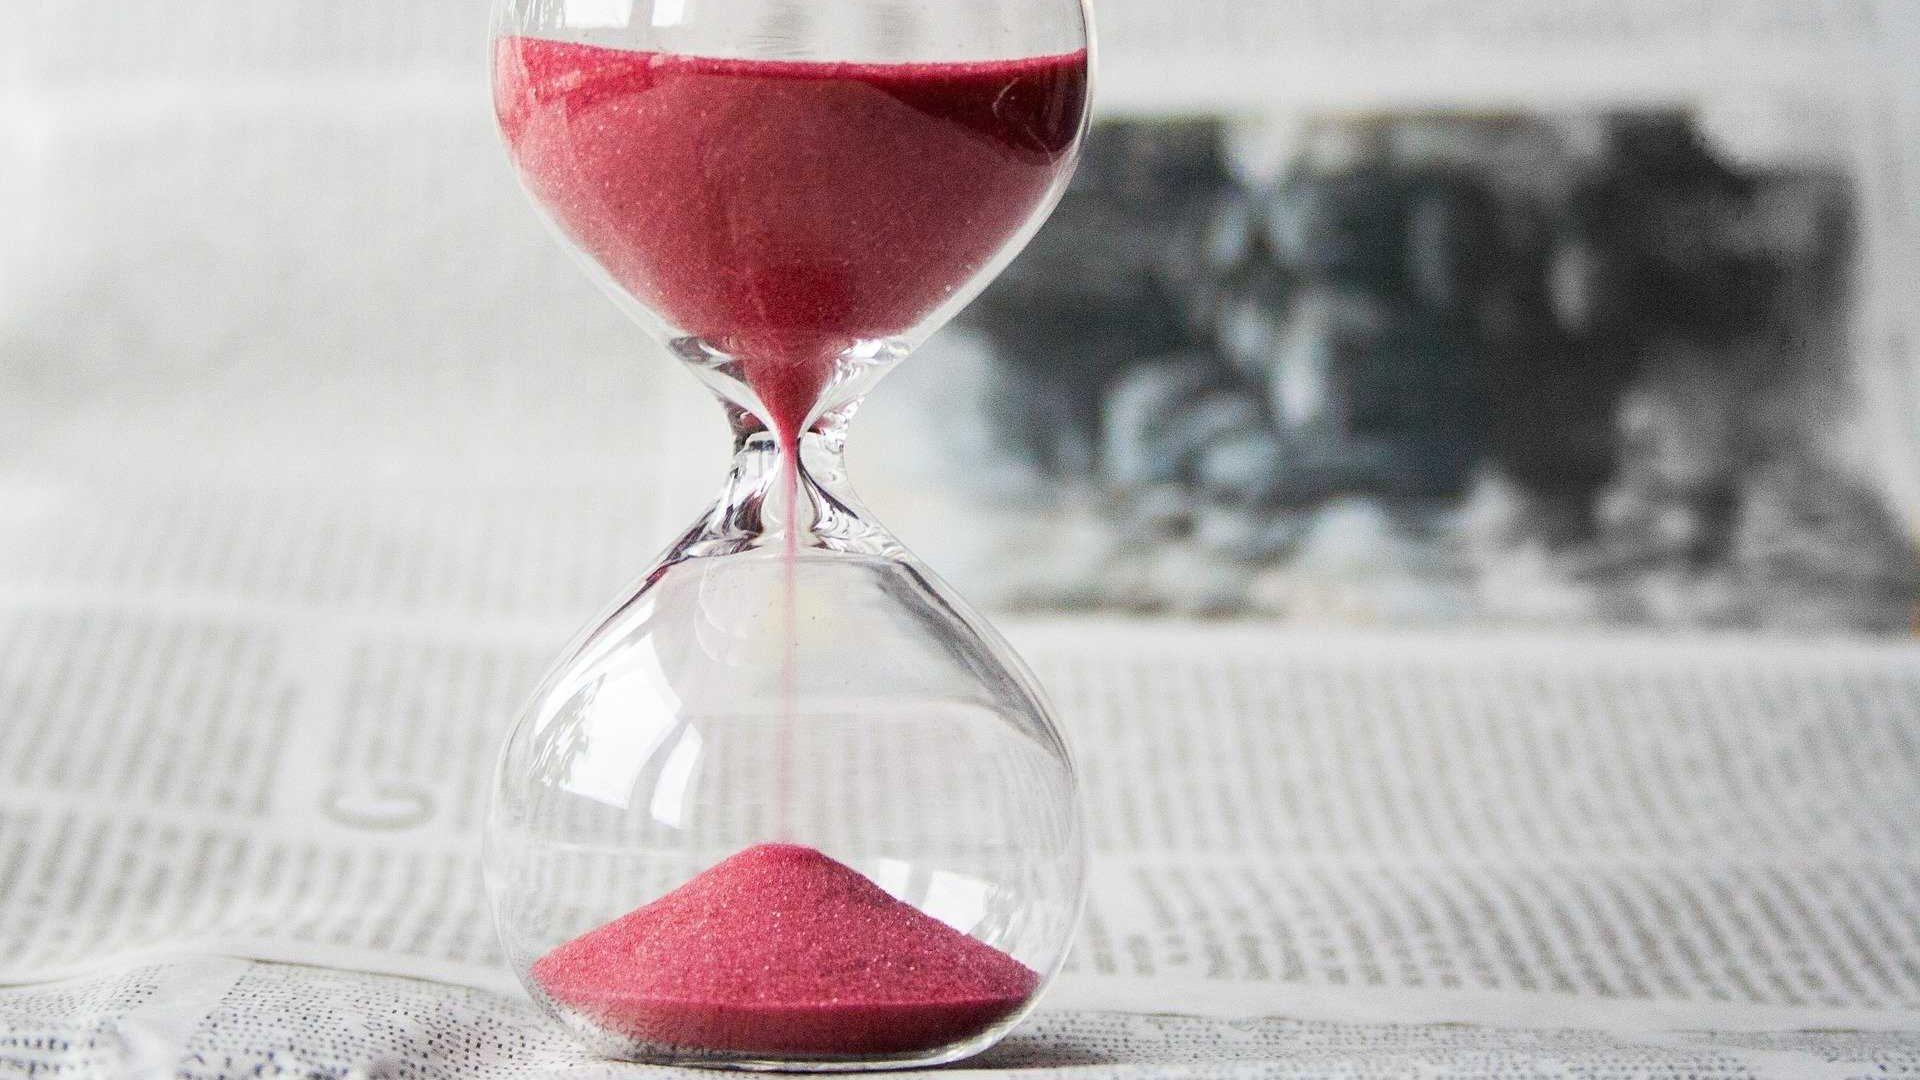 roze zandloper glas op tafel krant